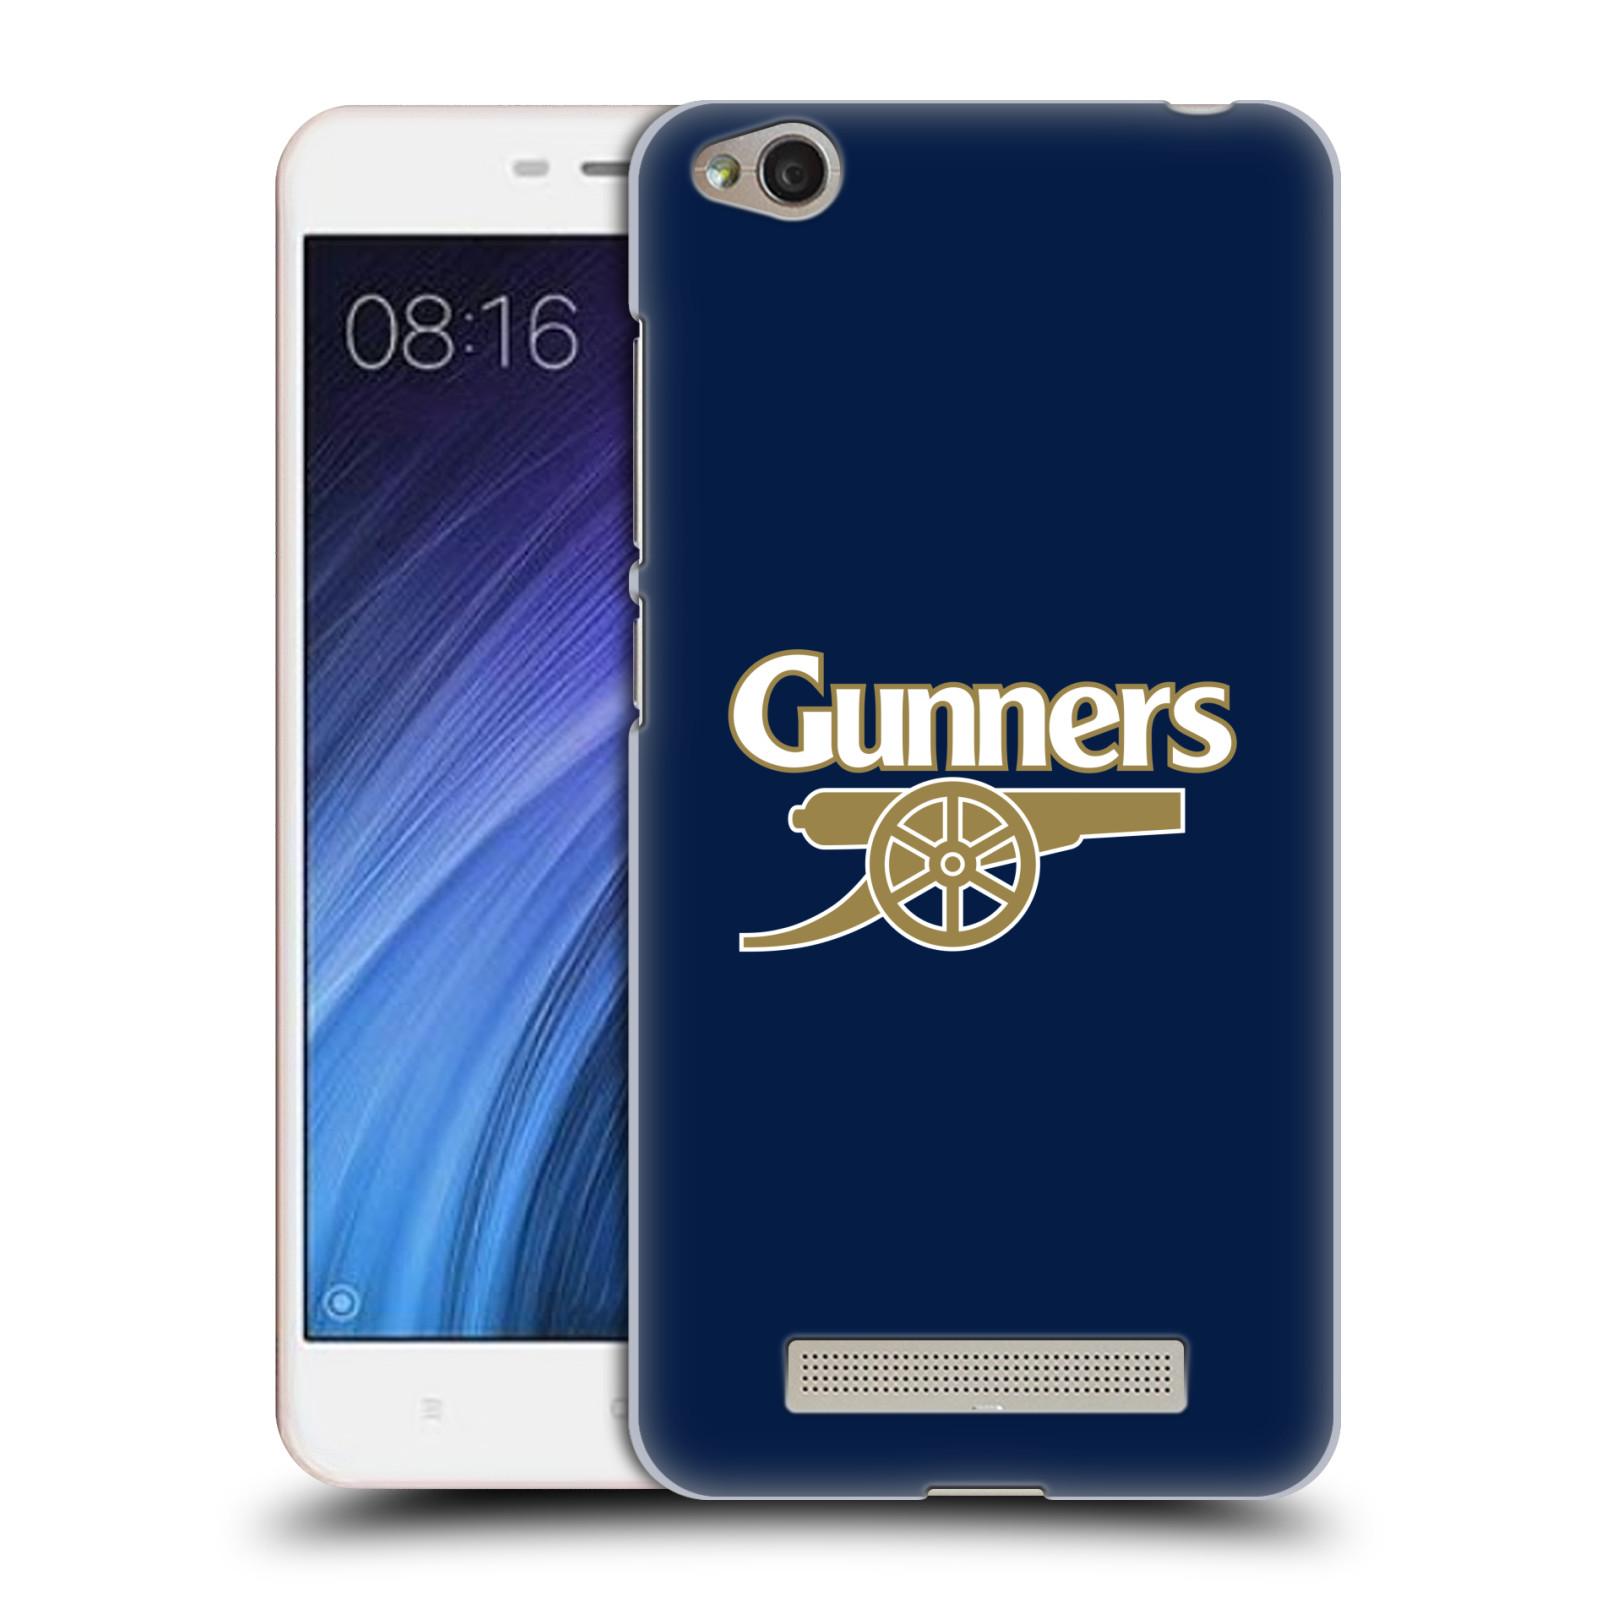 Plastové pouzdro na mobil Xiaomi Redmi 4A - Head Case - Arsenal FC - Gunners